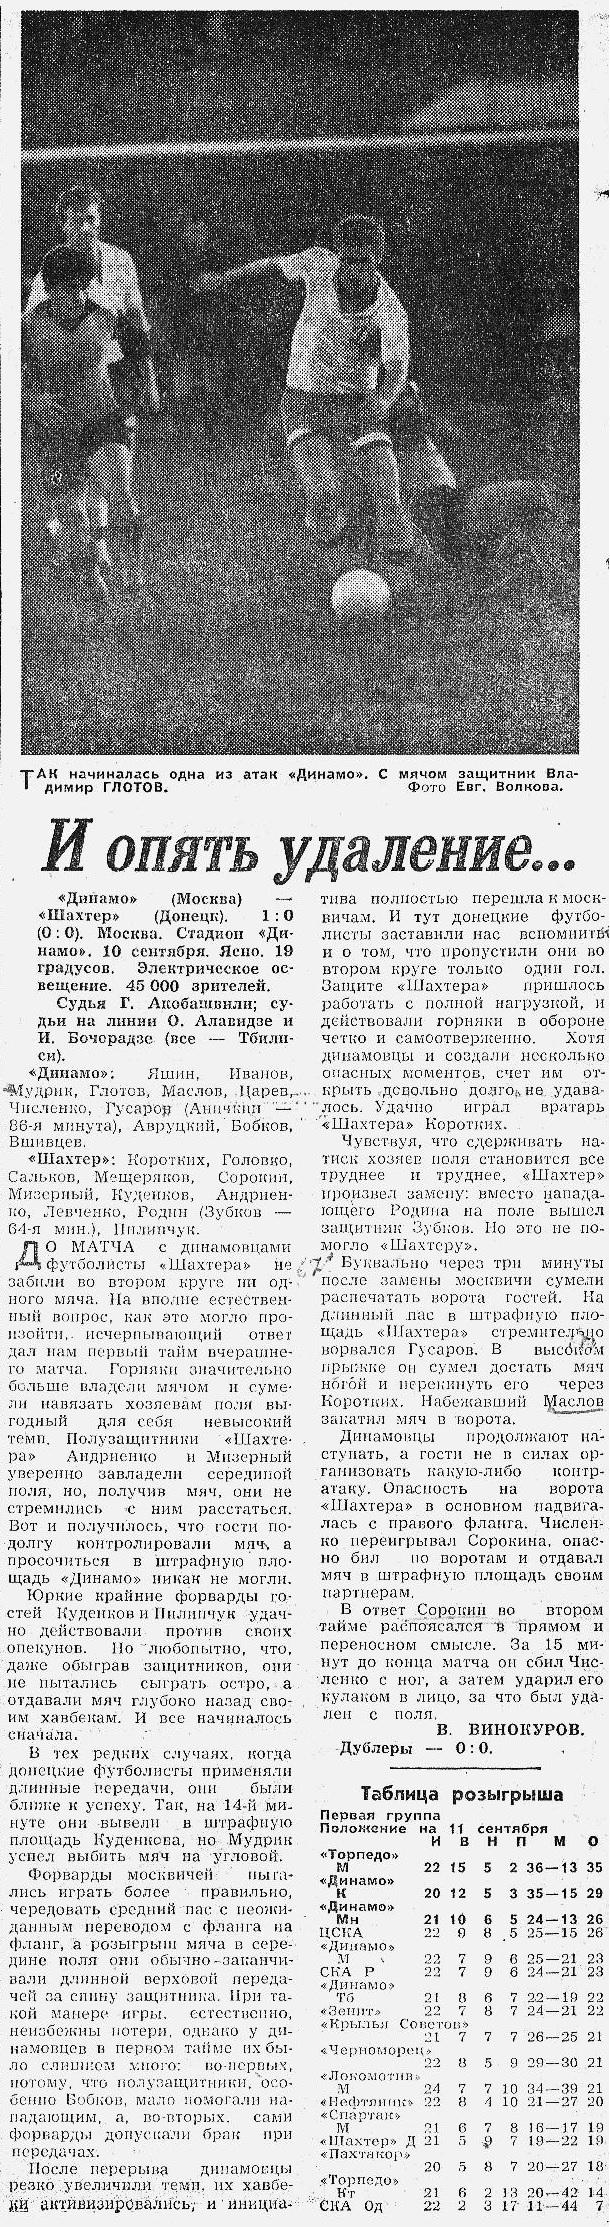 Динамо (Москва) - Шахтер (Донецк) 1:0